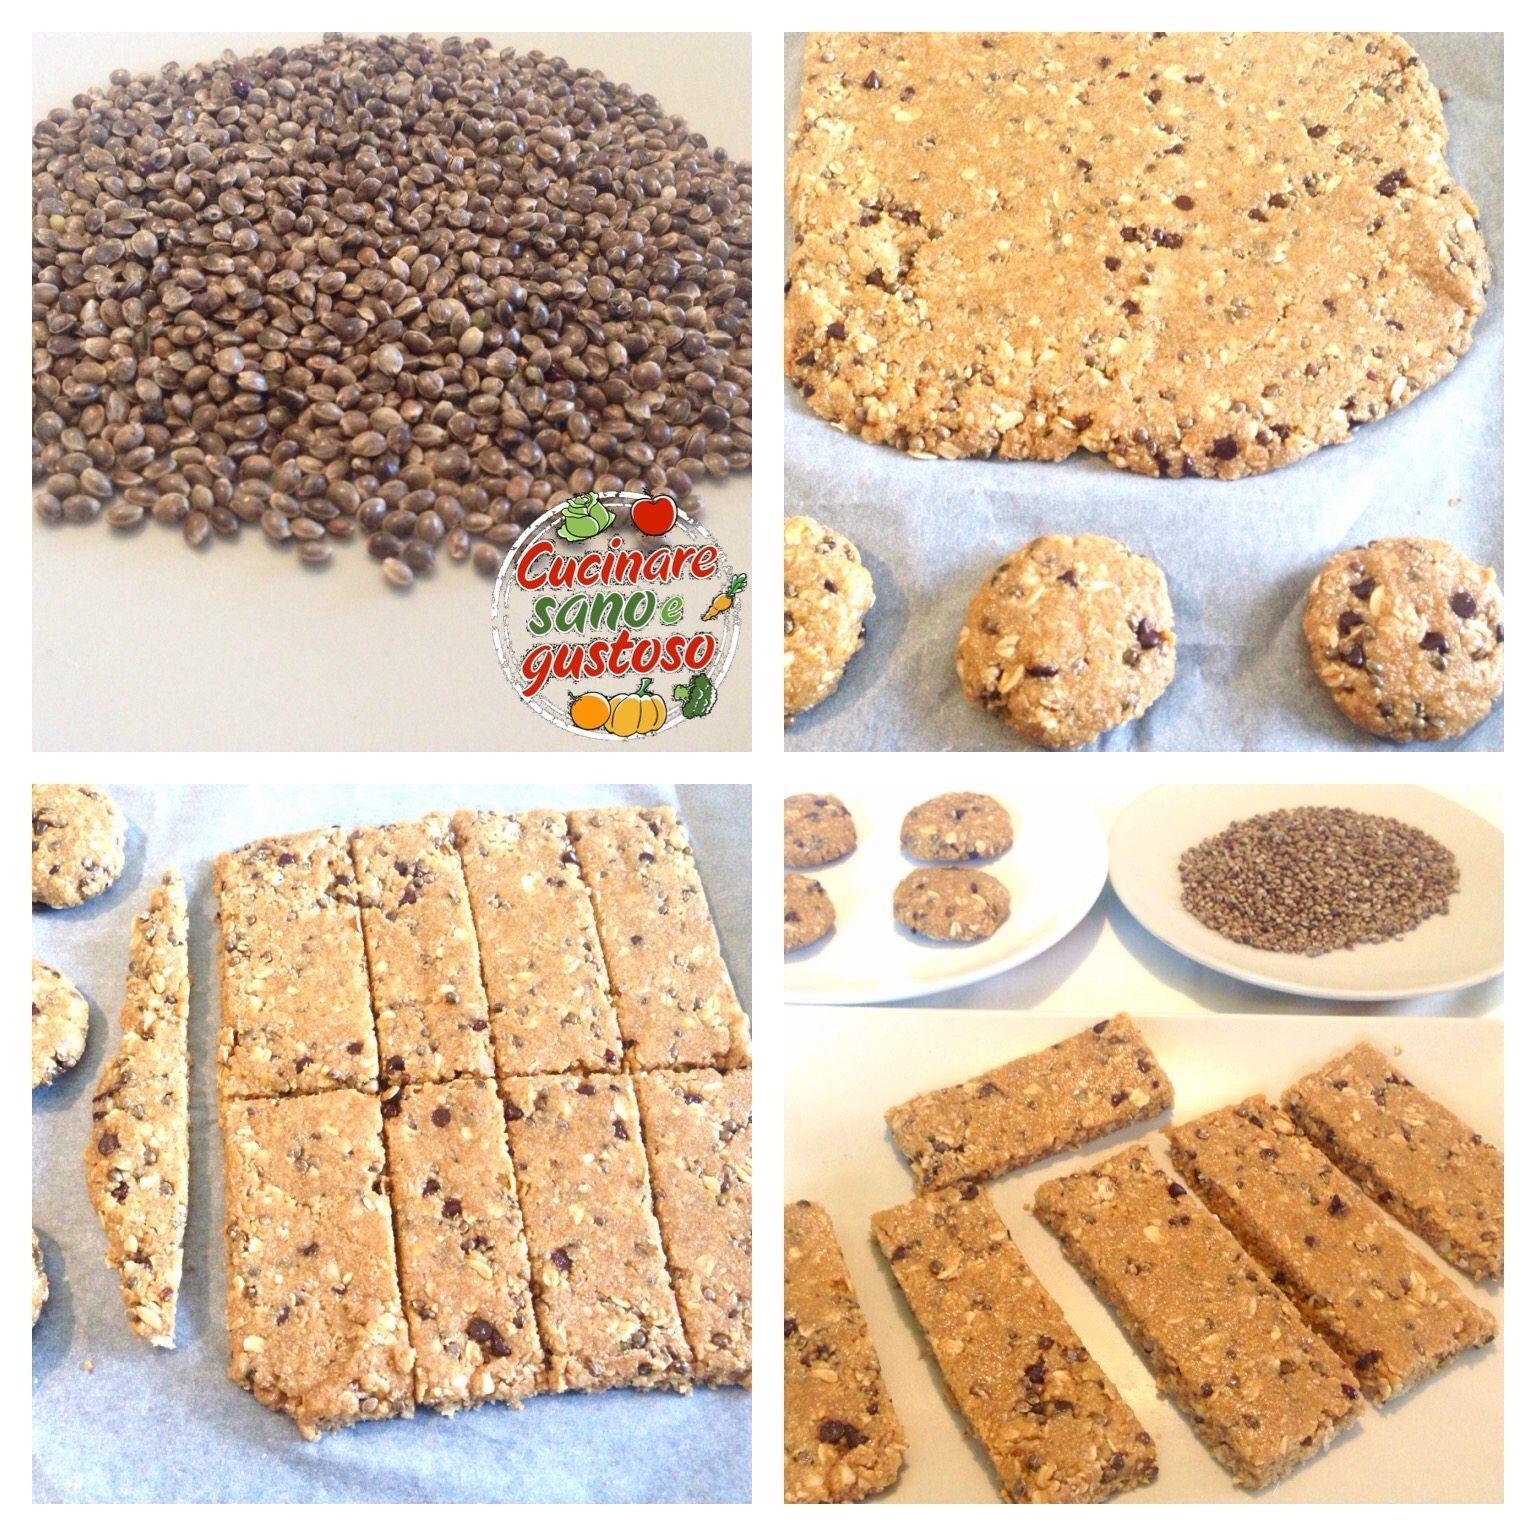 Biscotti archivi cucinare sano e gustoso - Cucinare sano e gustoso ...